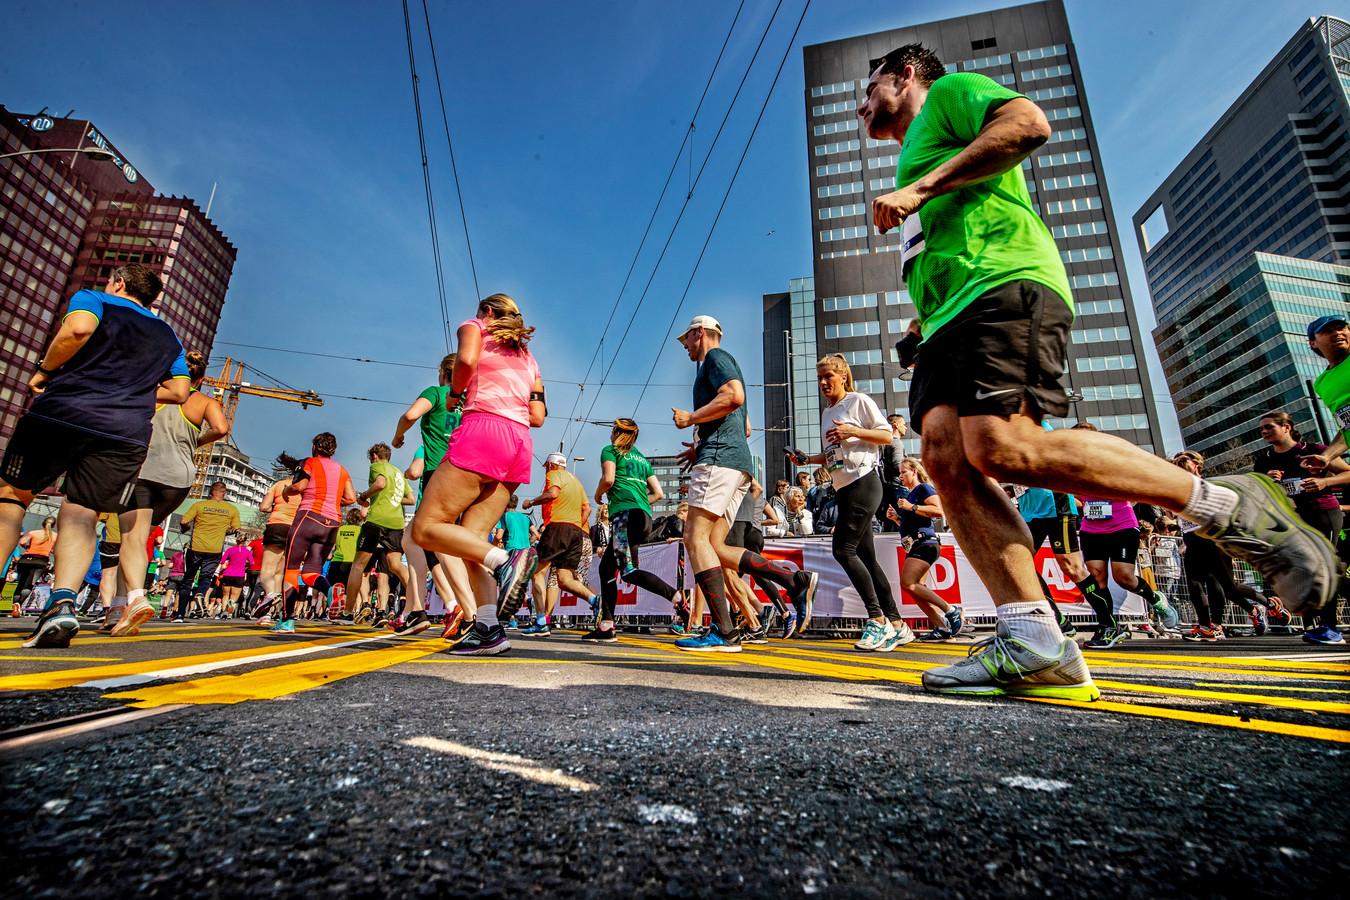 Marathonlopers in Rotterdam komen de Coolsingel op.